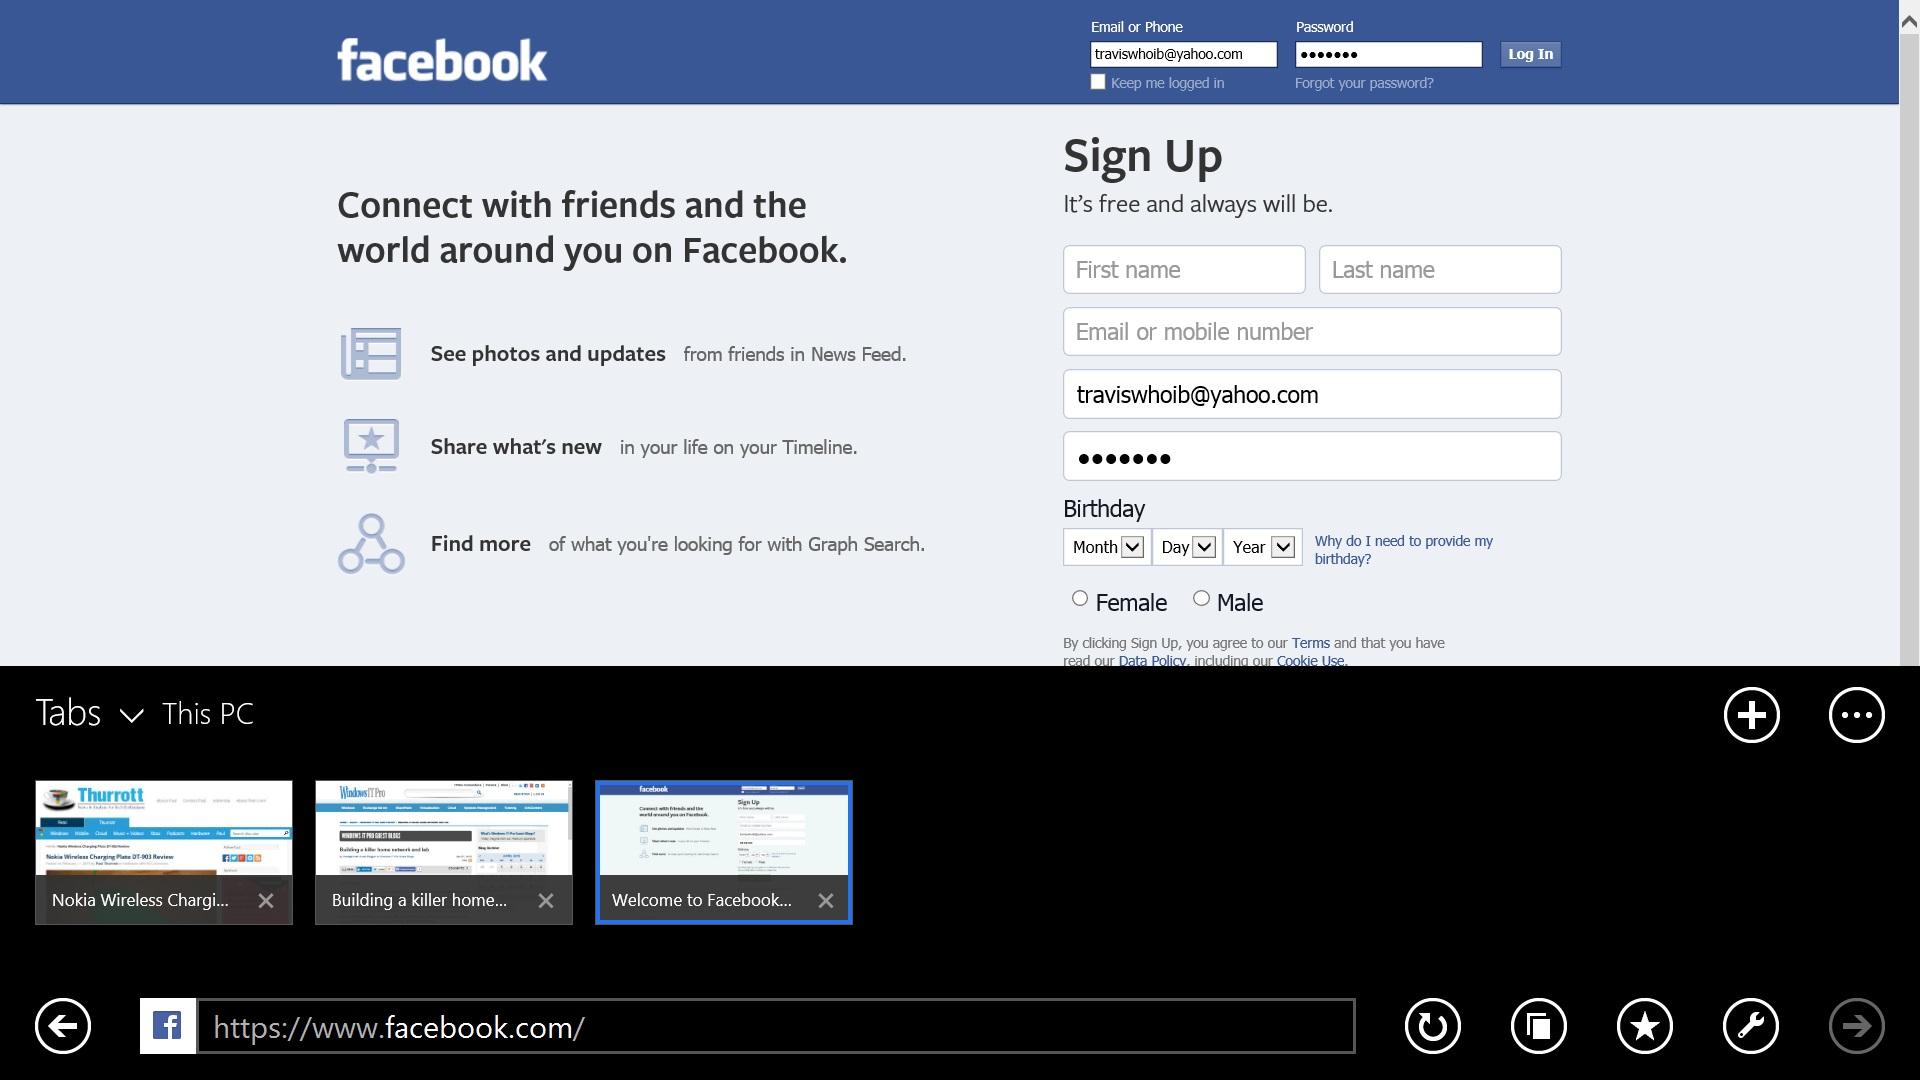 Så här använder du Facebook på Windows 8.1 (14)